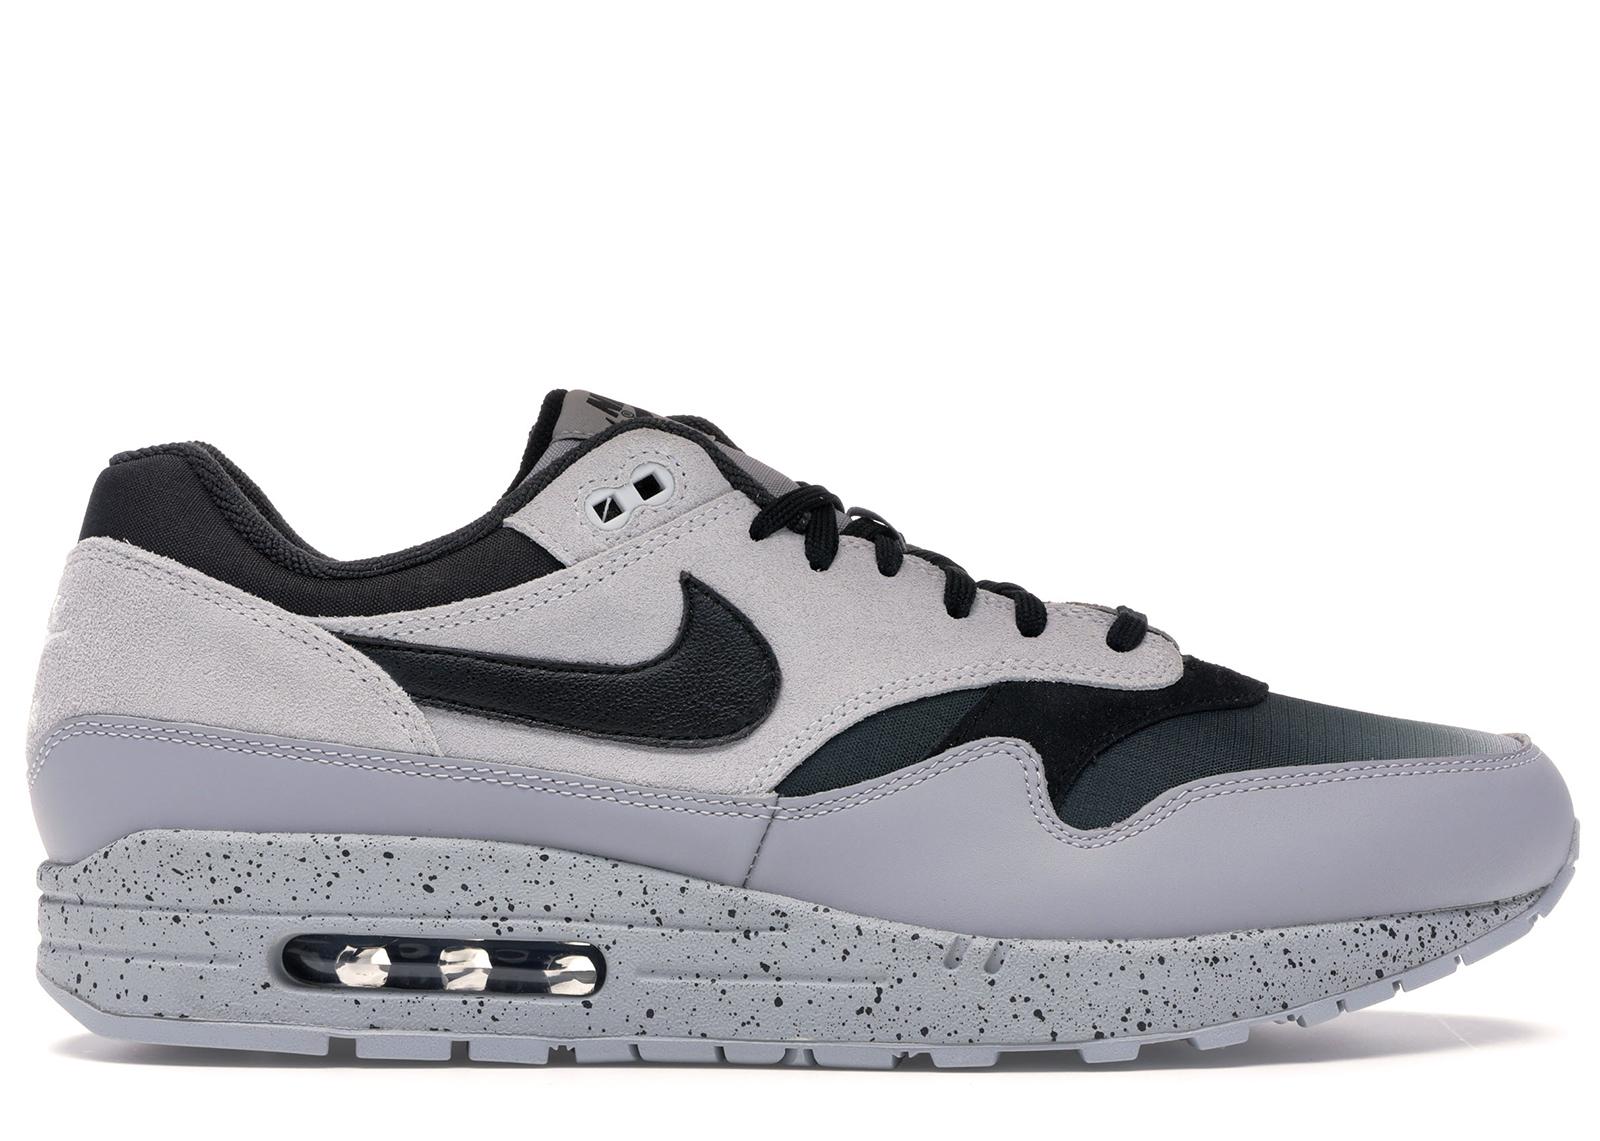 Nike Air Max 1 Gradient Toe Pure